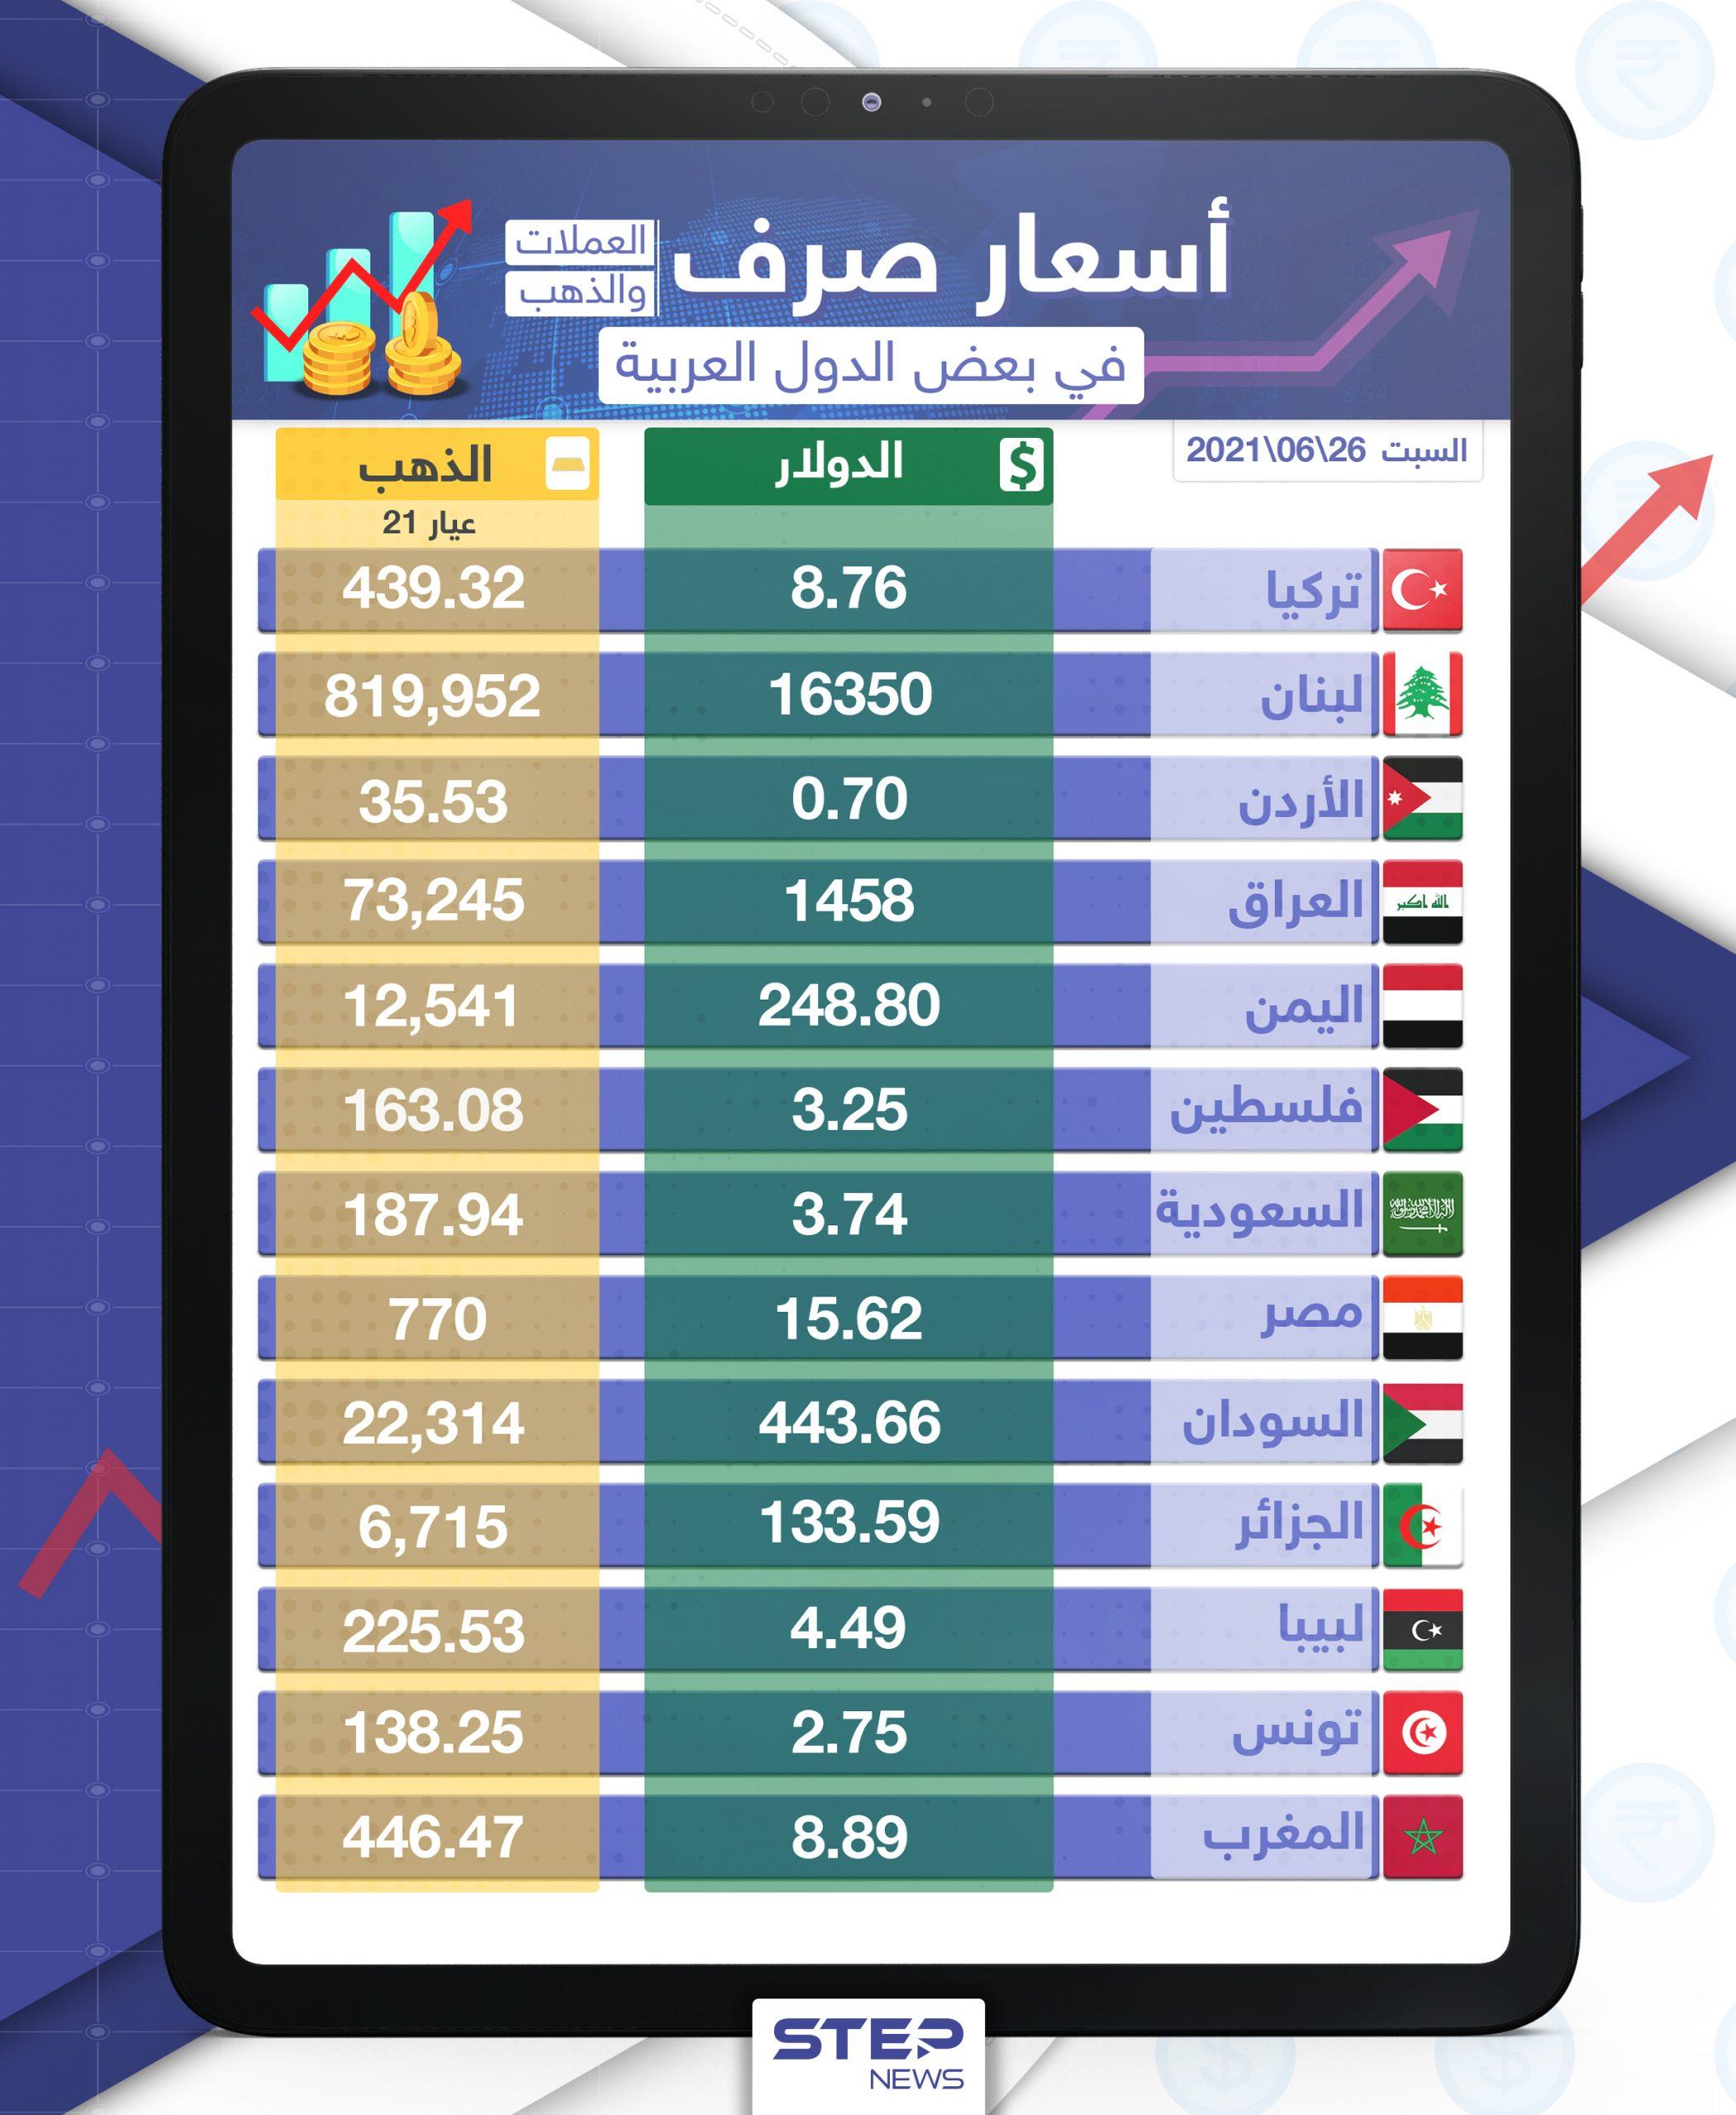 أسعار الذهب والعملات للدول العربية وتركيا اليوم السبت الموافق 26 حزيران 2021